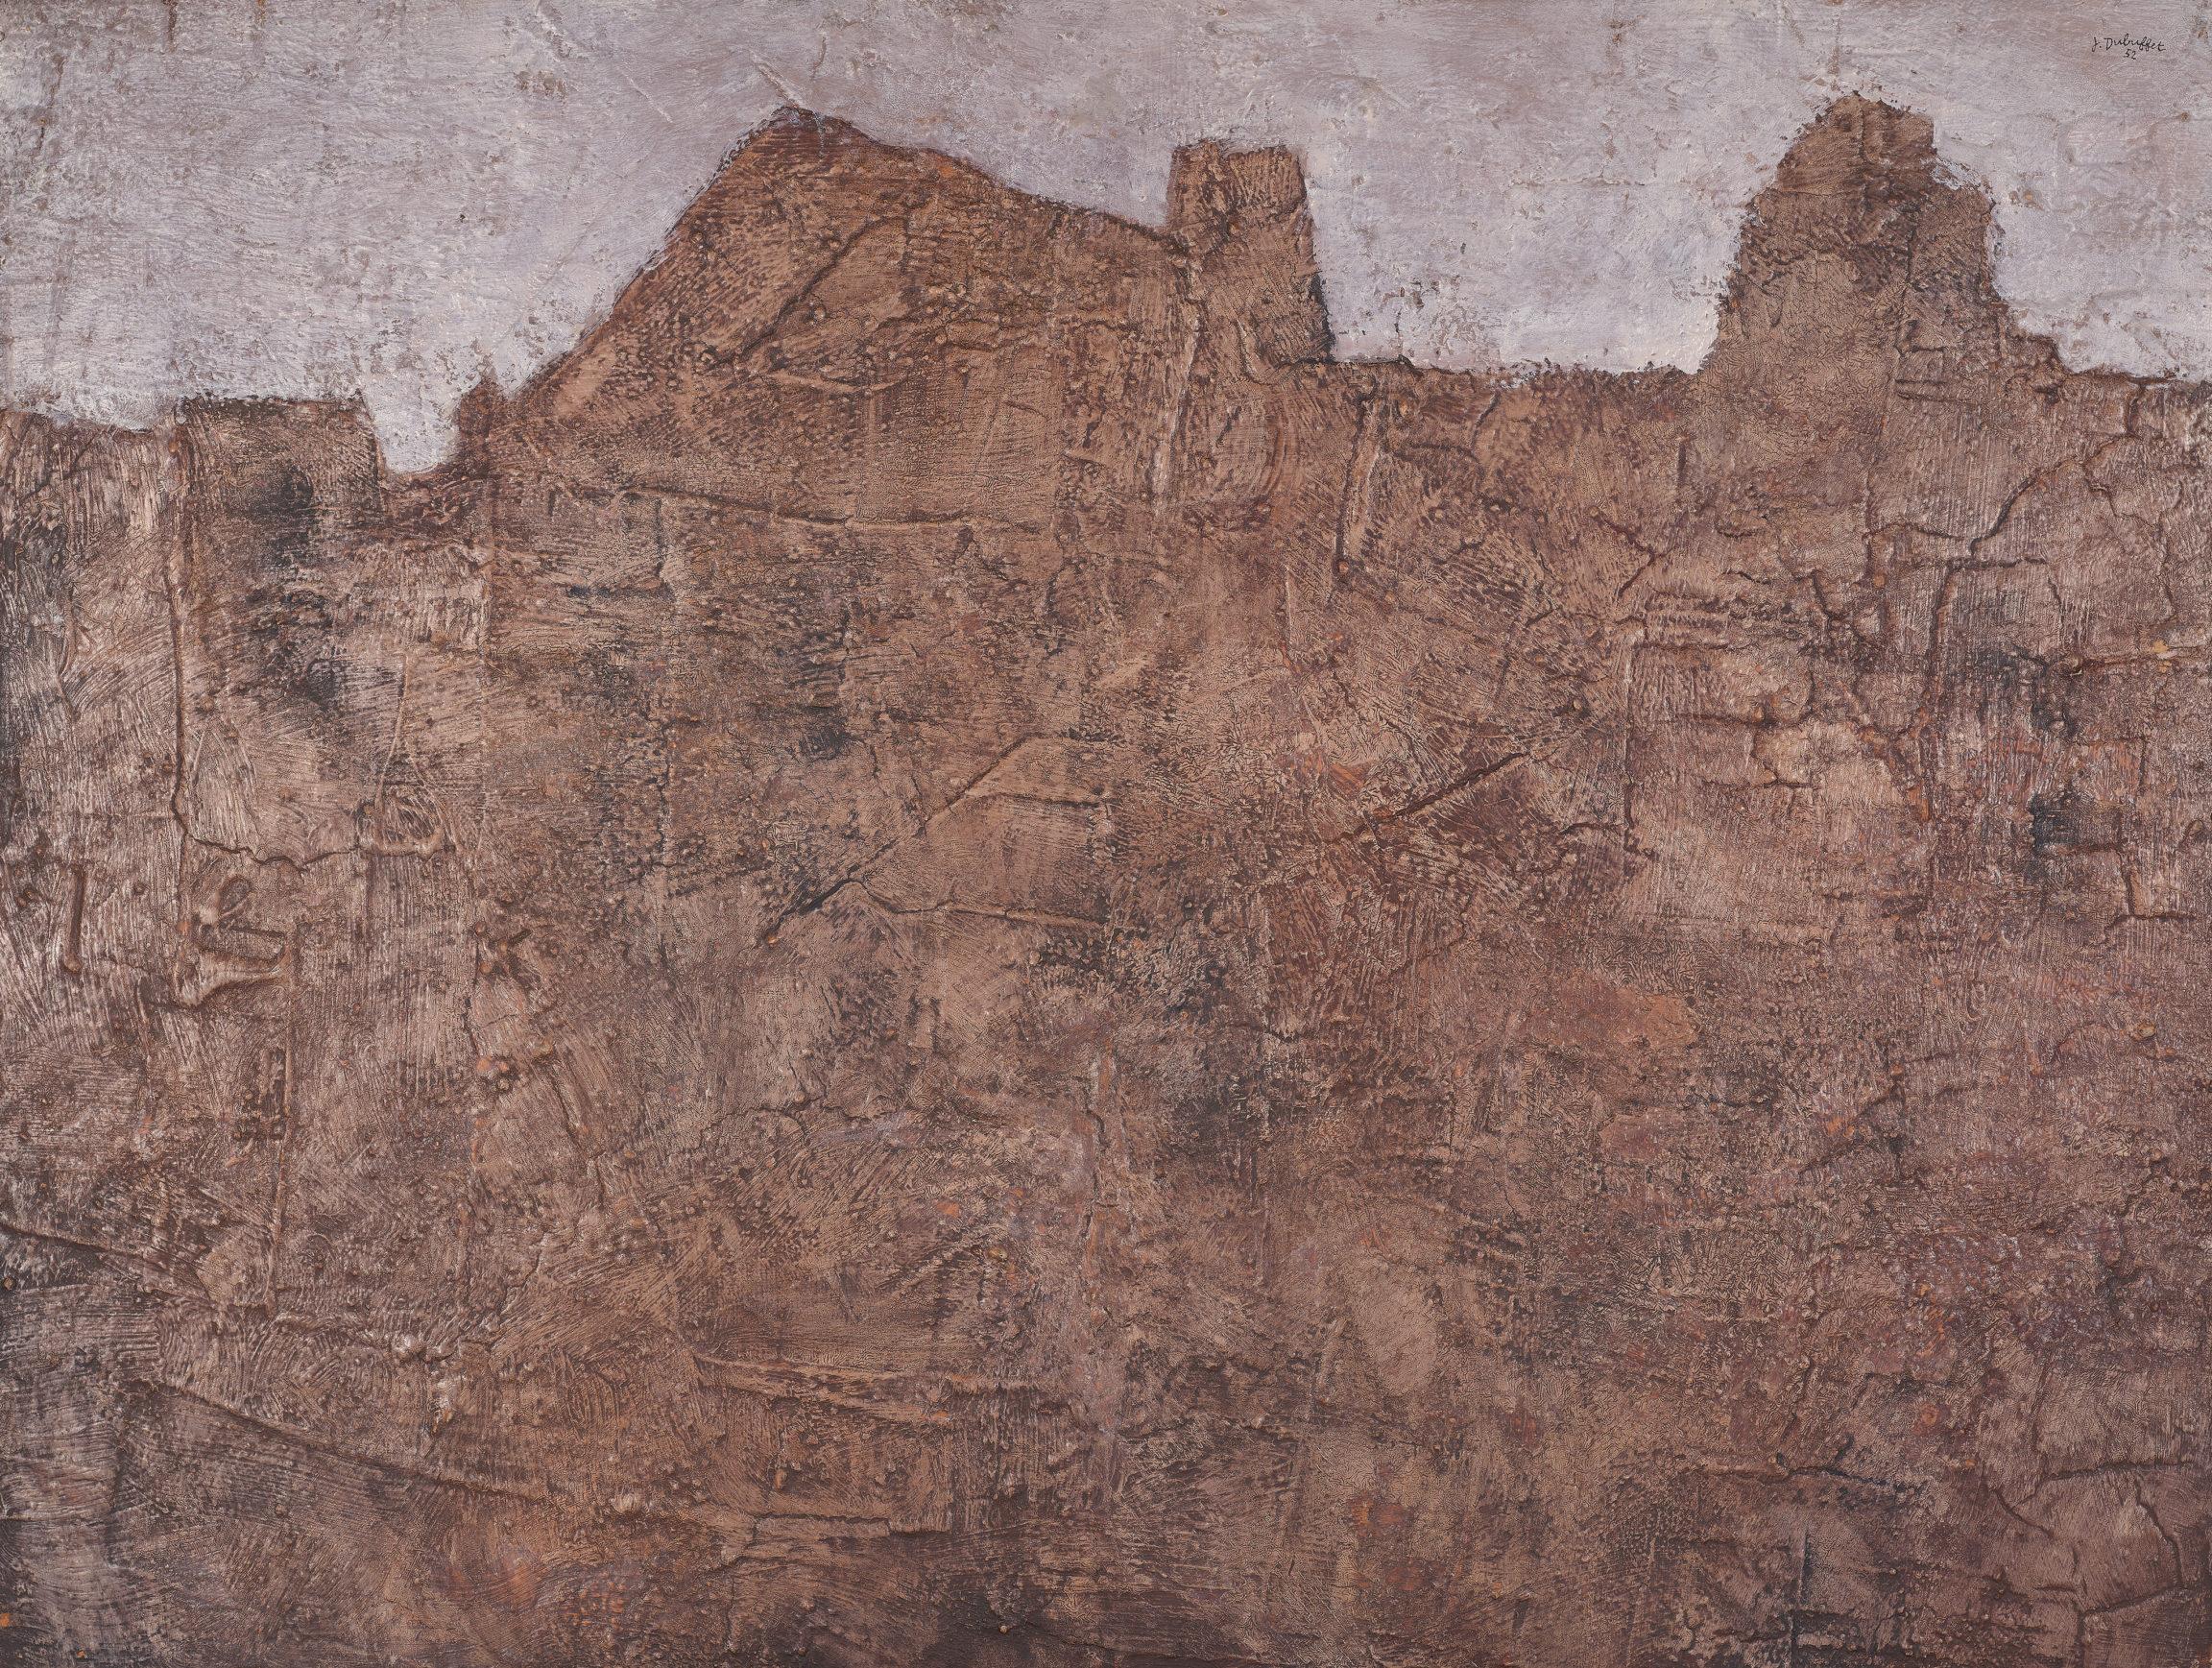 Jean Dubuffet, Paysage aux murailles, 1952